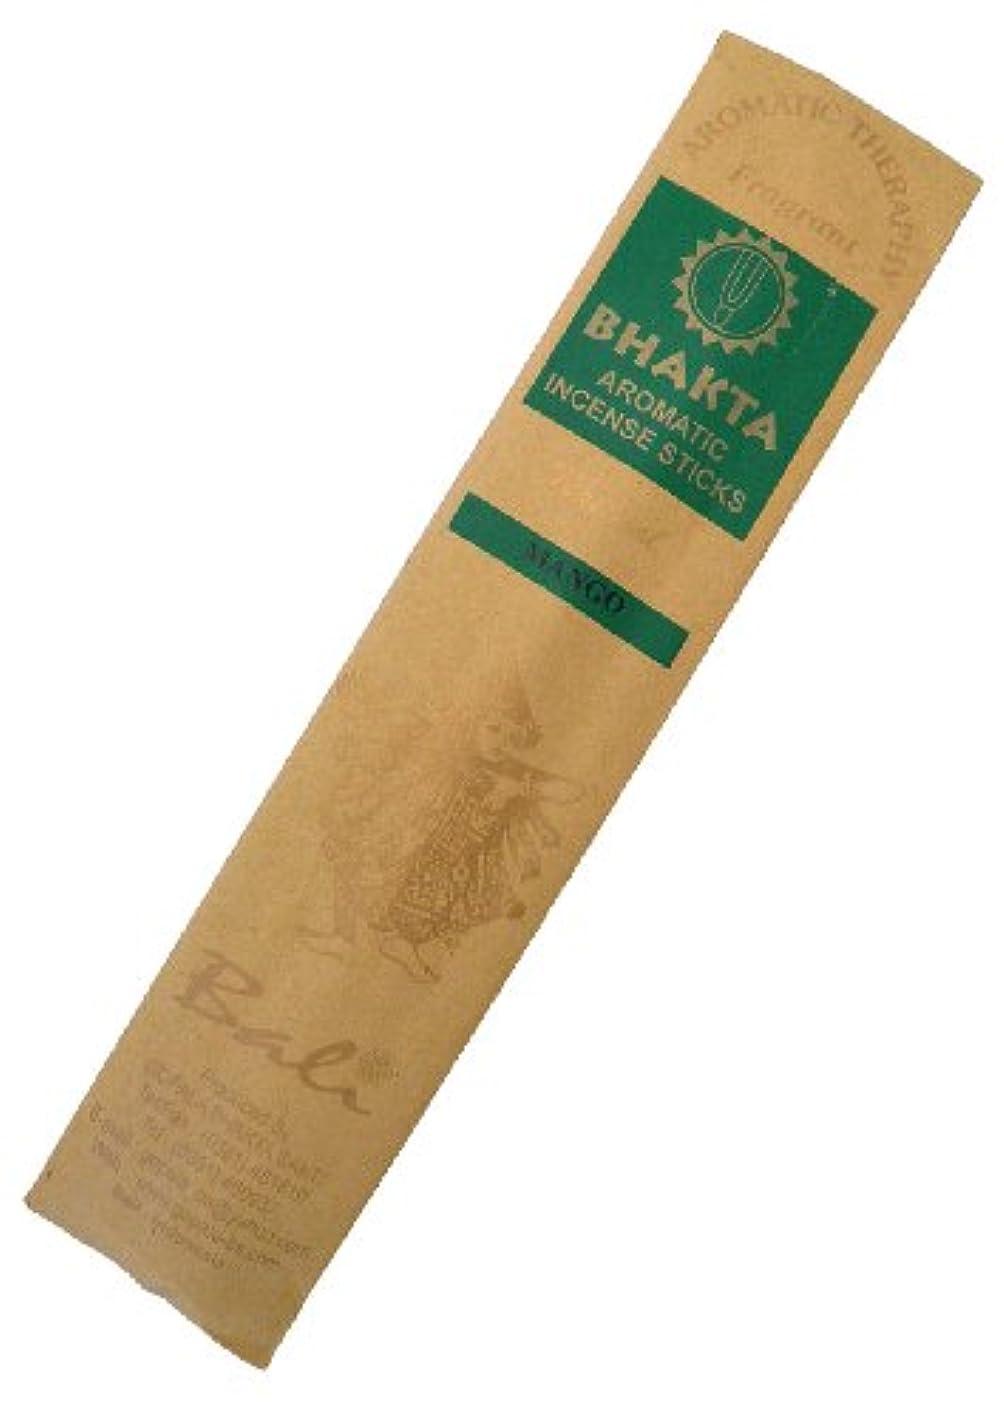 遠えラッシュ耐えるお香 BHAKTA ナチュラル スティック 香(マンゴー)ロングタイプ インセンス[アロマセラピー 癒し リラックス 雰囲気作り]インドネシア?バリ島のお香